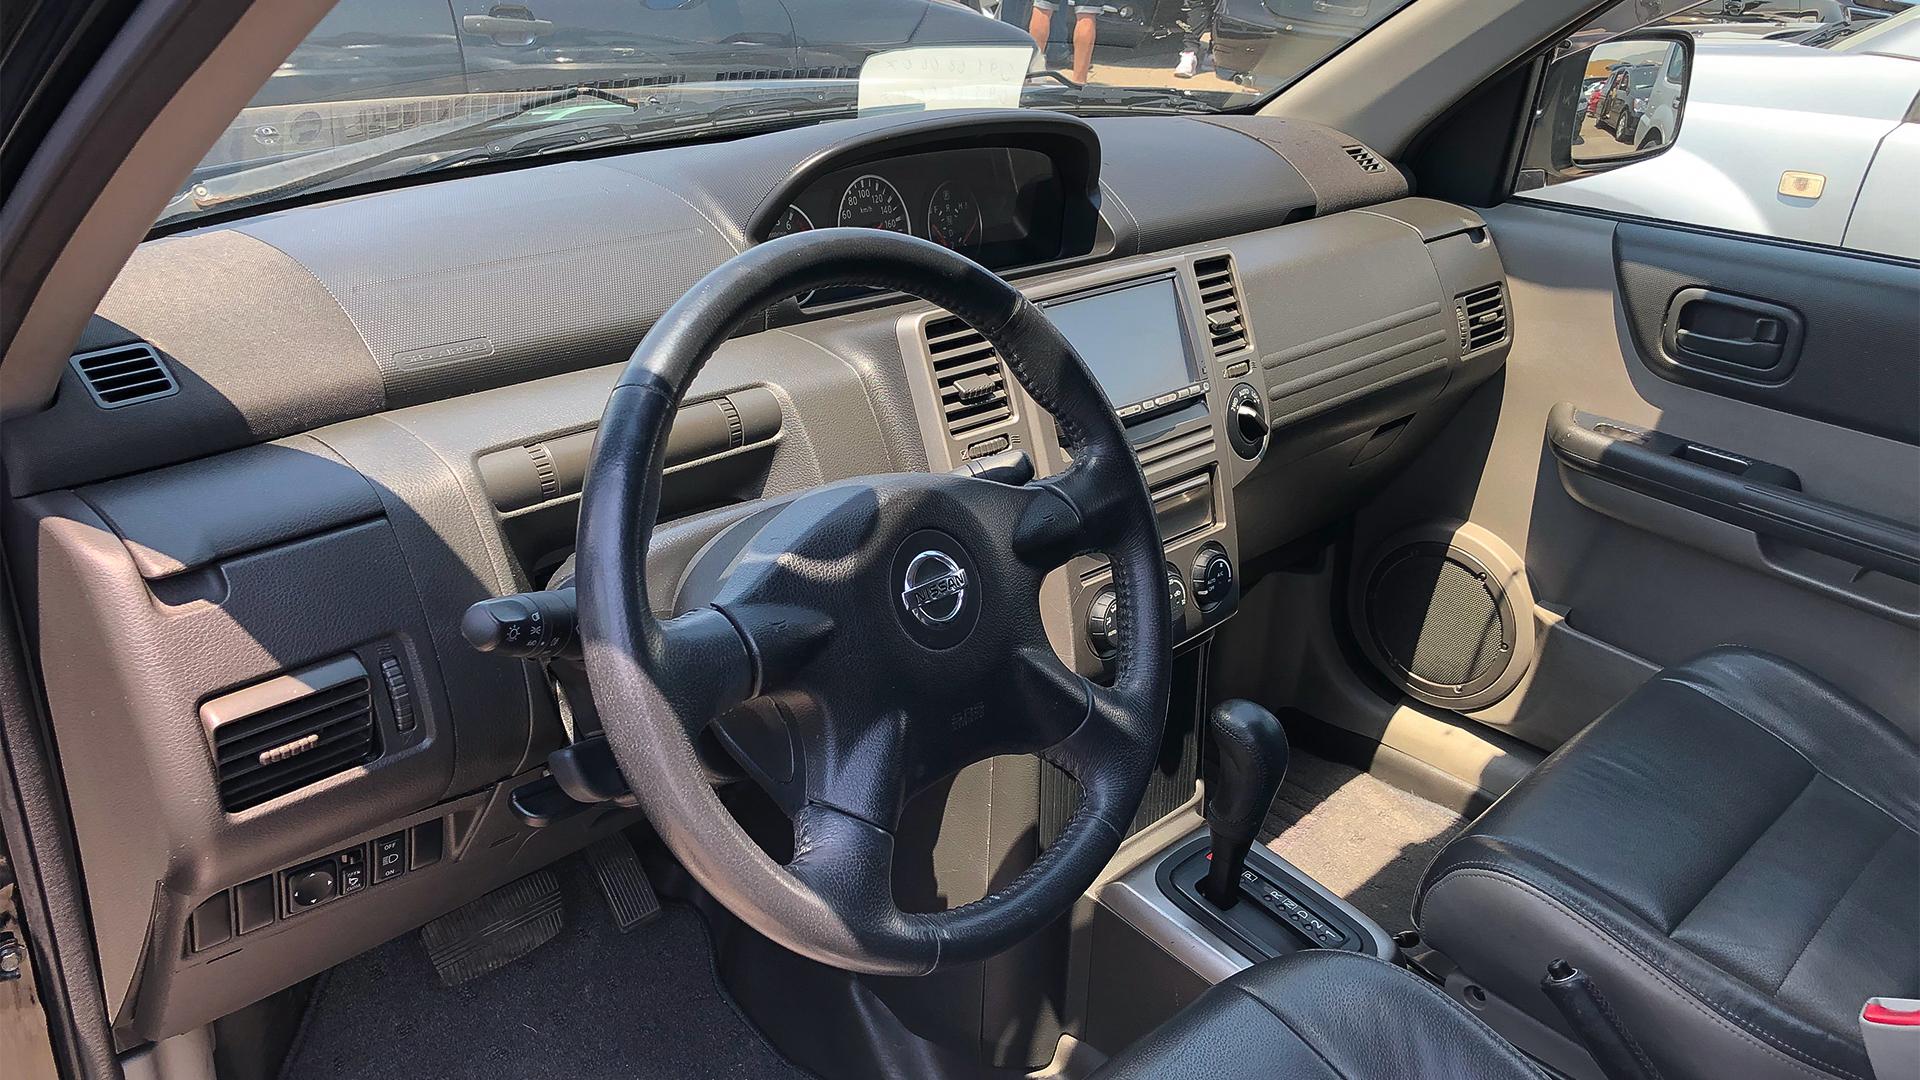 Покупка машины в Армении: за и против